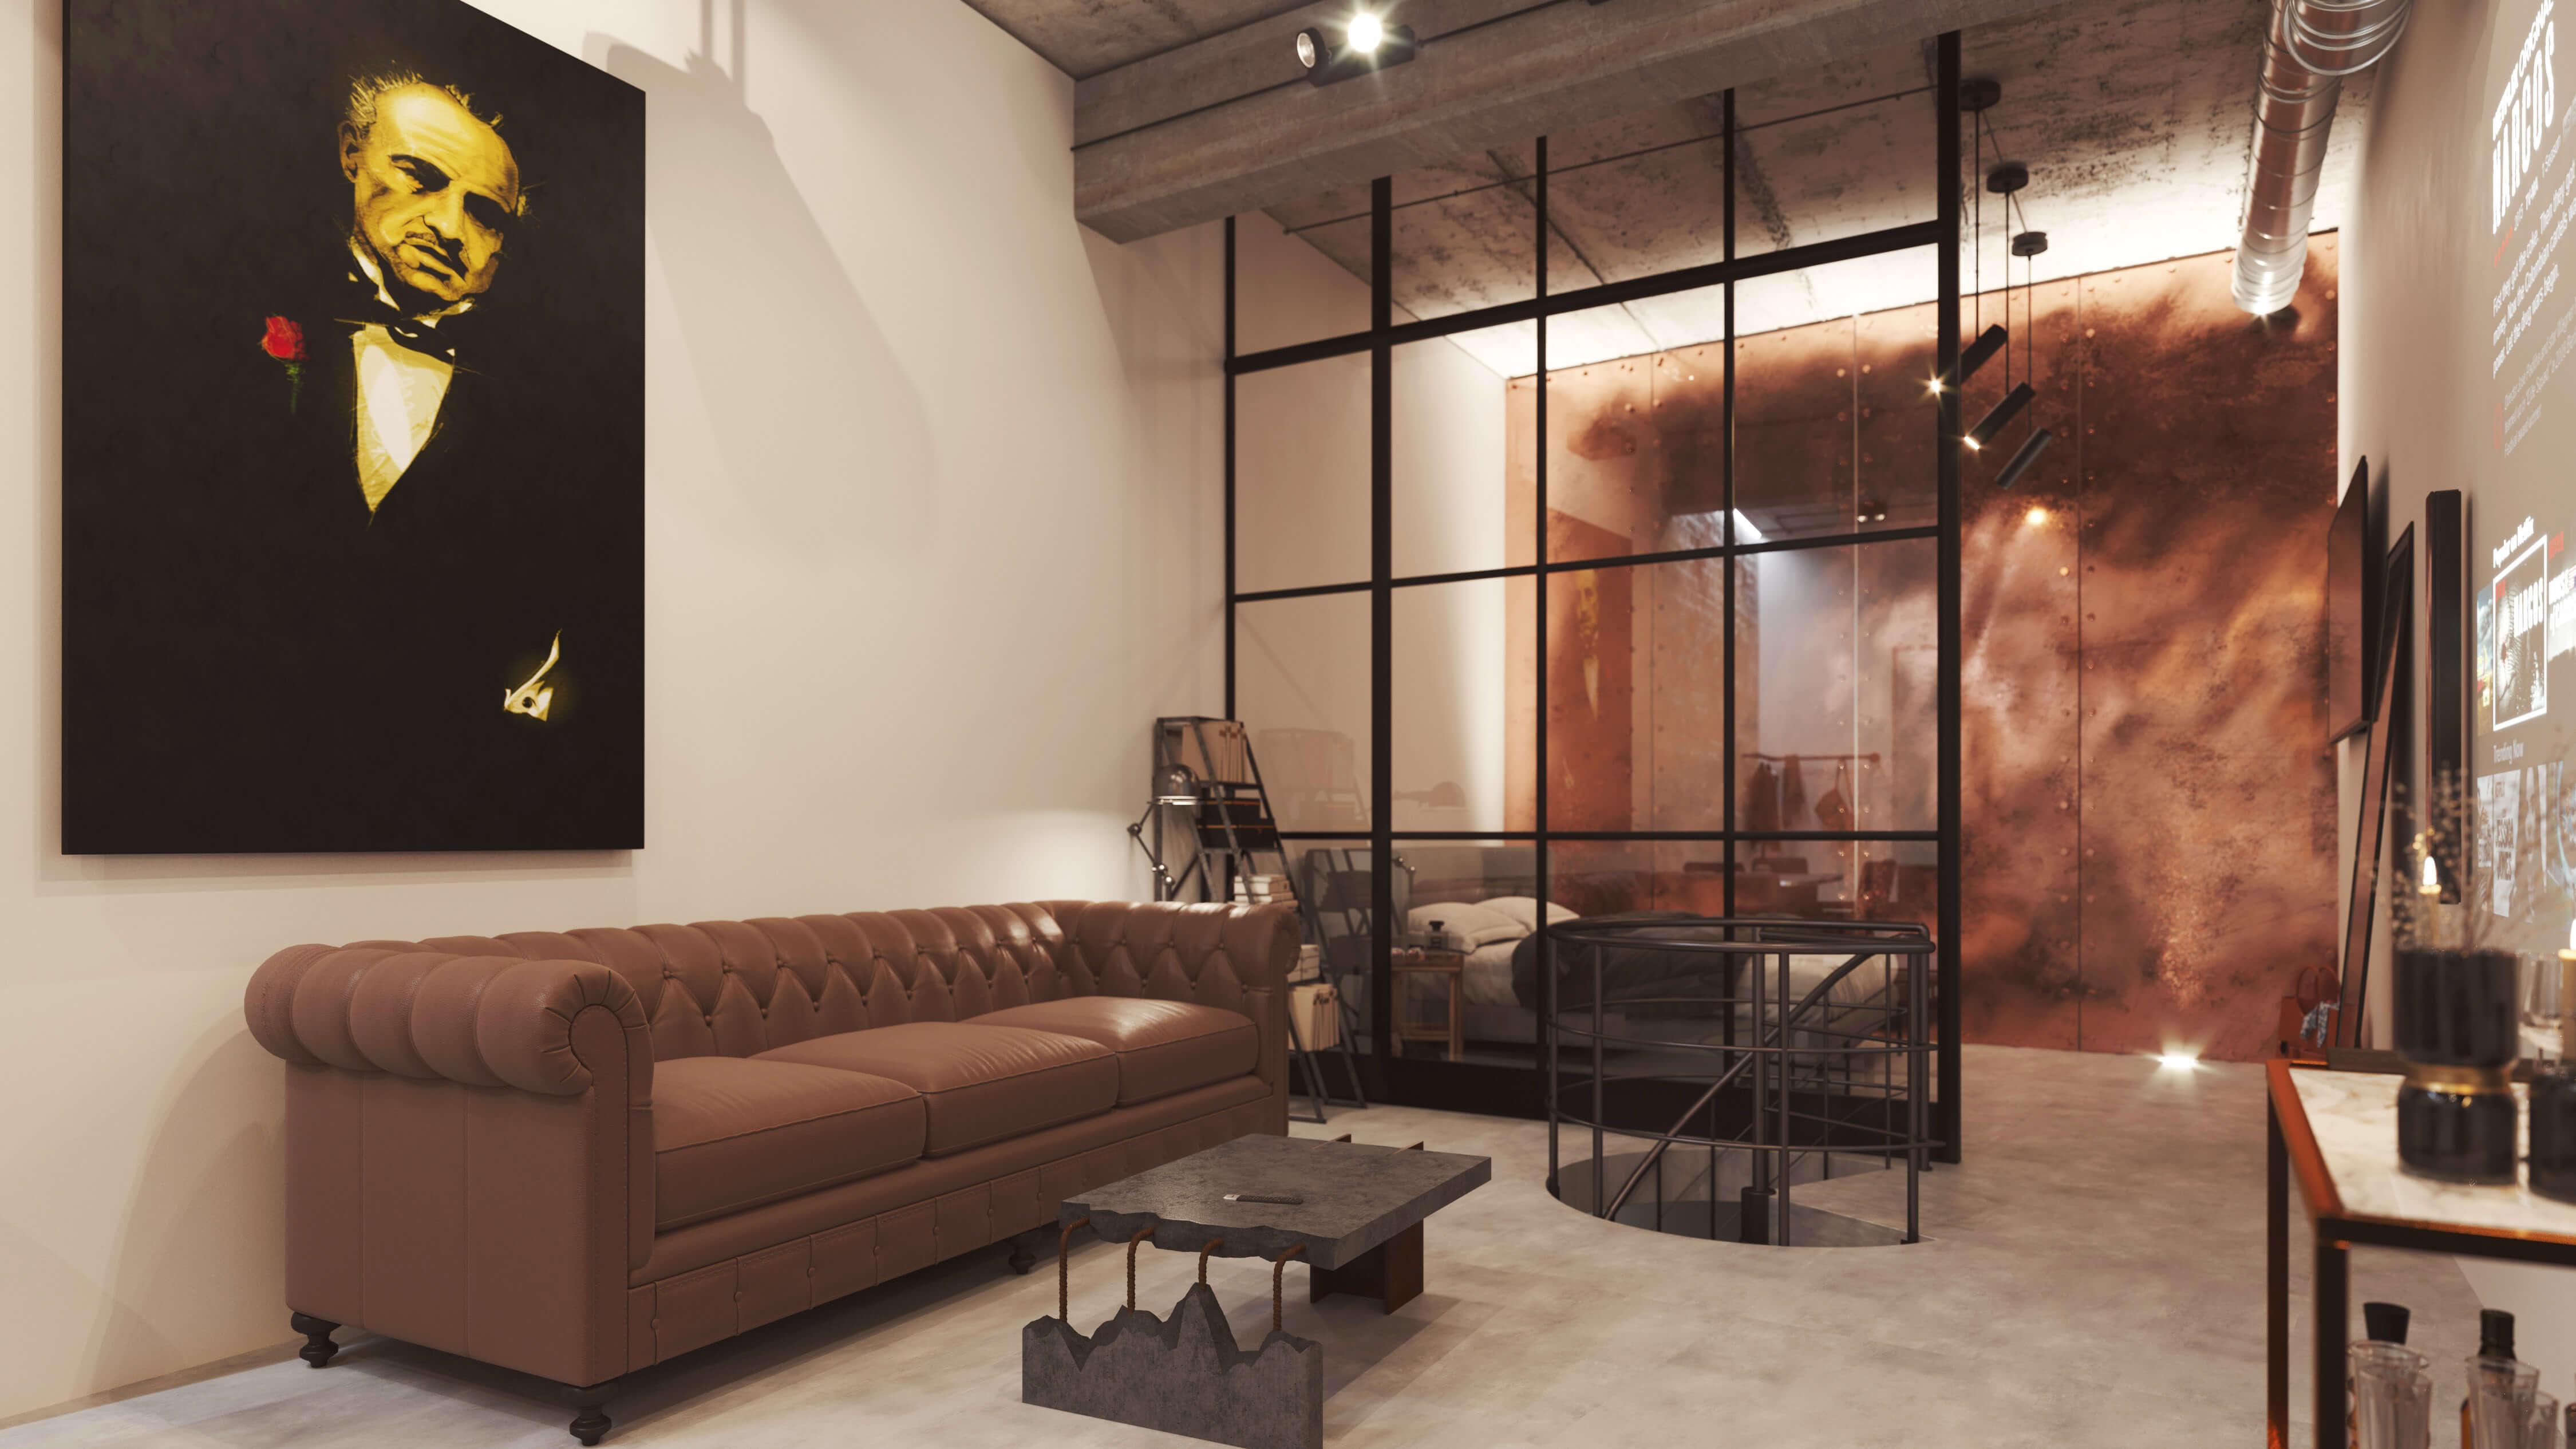 urbanstudio_stjohannis_EG02_Copper_kl